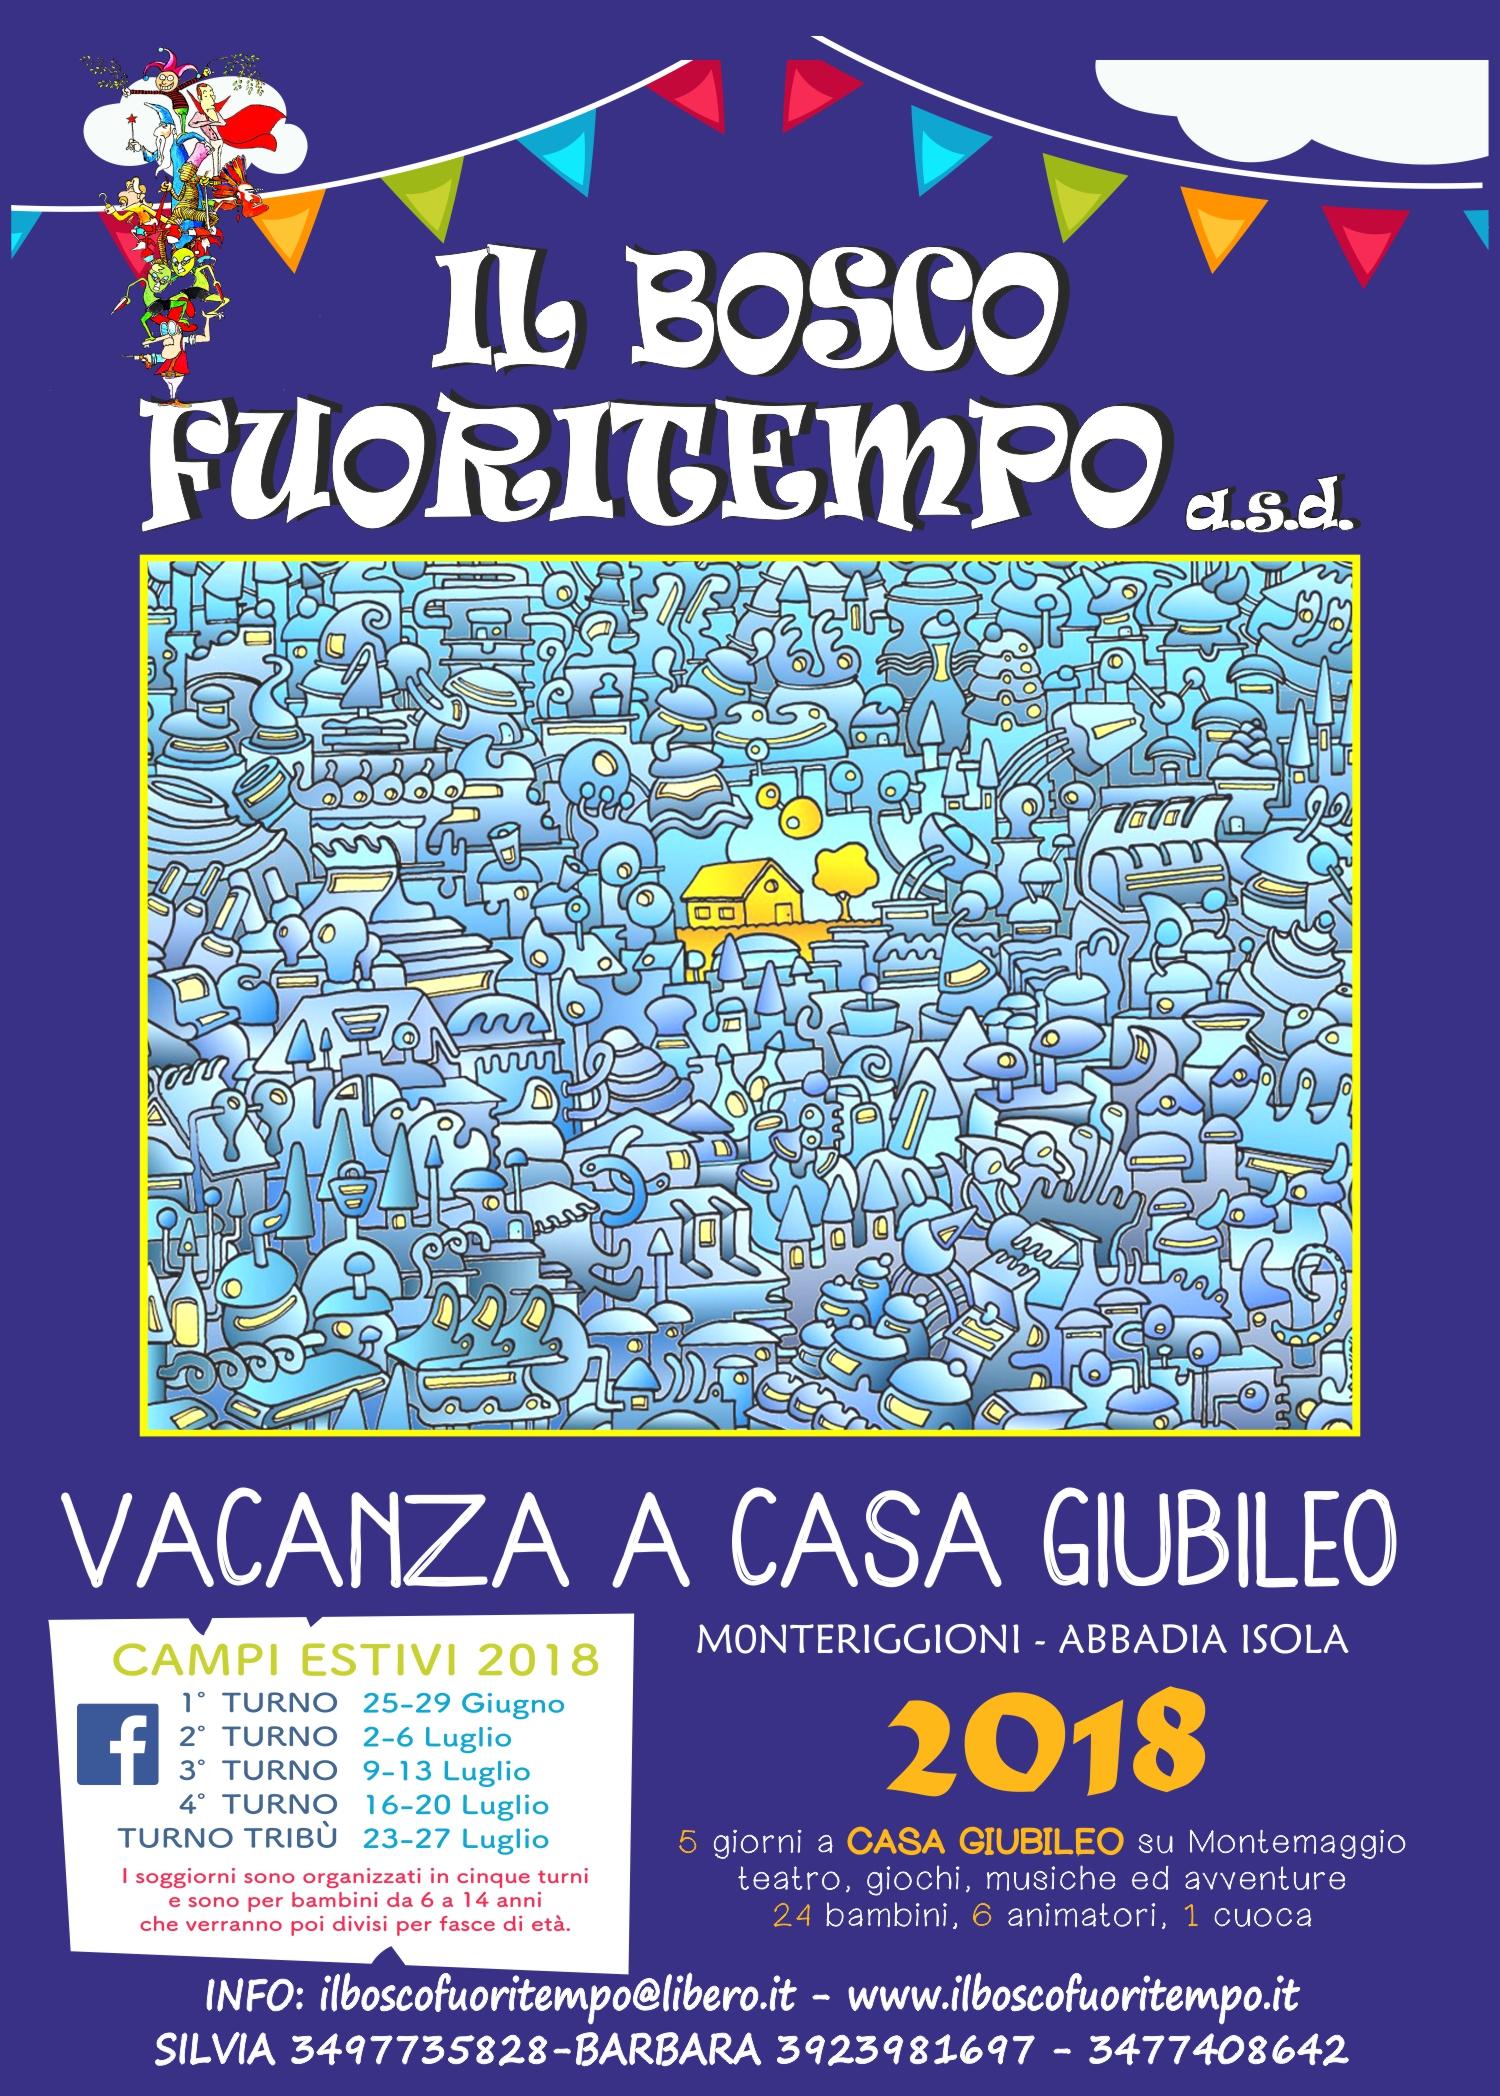 Volantino estate 2018 - Il Bosco Fuoritempo